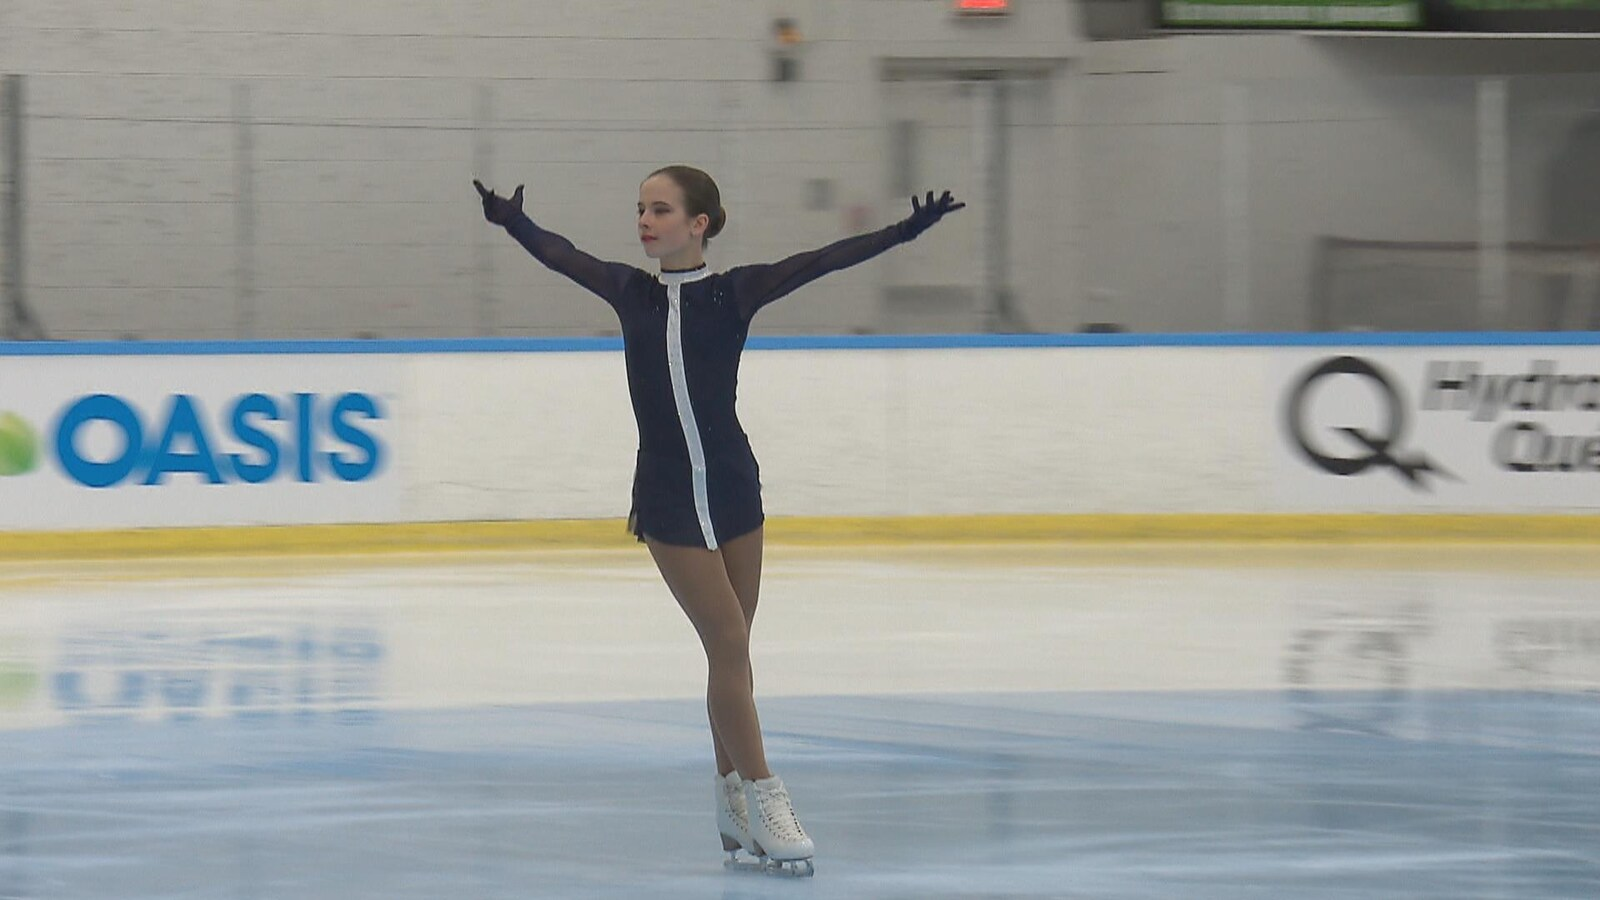 Rose en pleine prestation sur la glace les bras ouverts